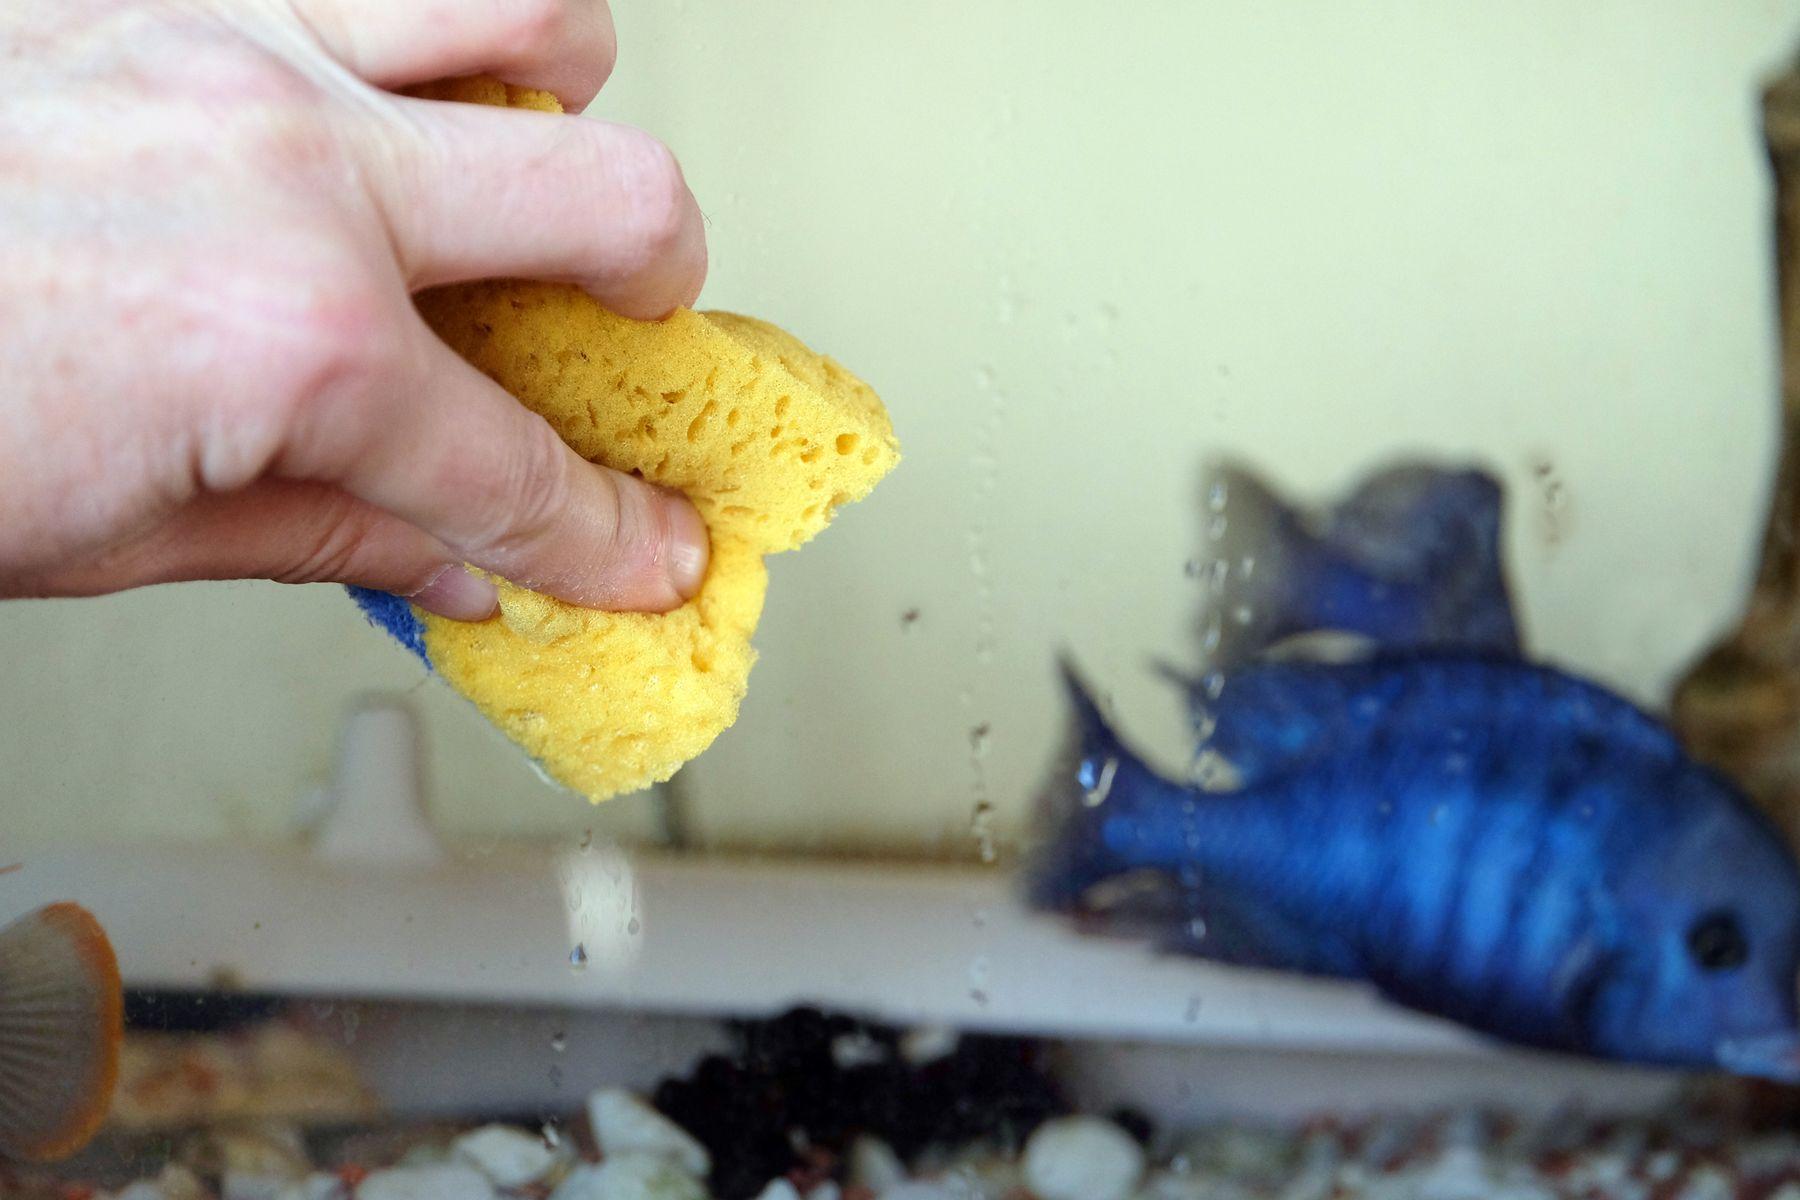 Como desinfectar una pecera facil y rapidamente